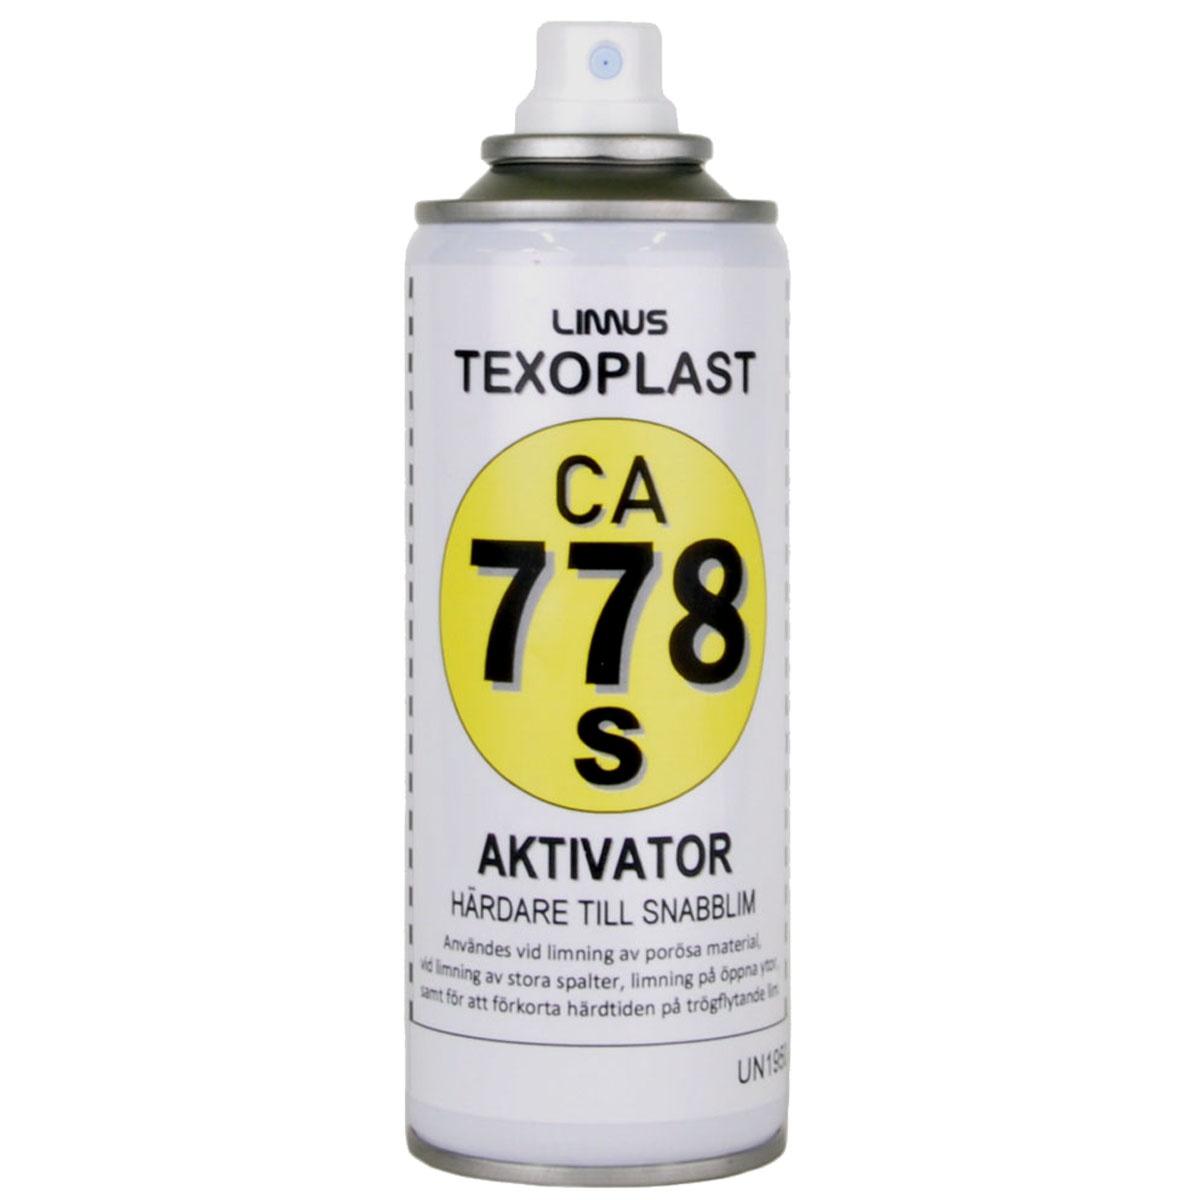 TEXOPLAST CA778S